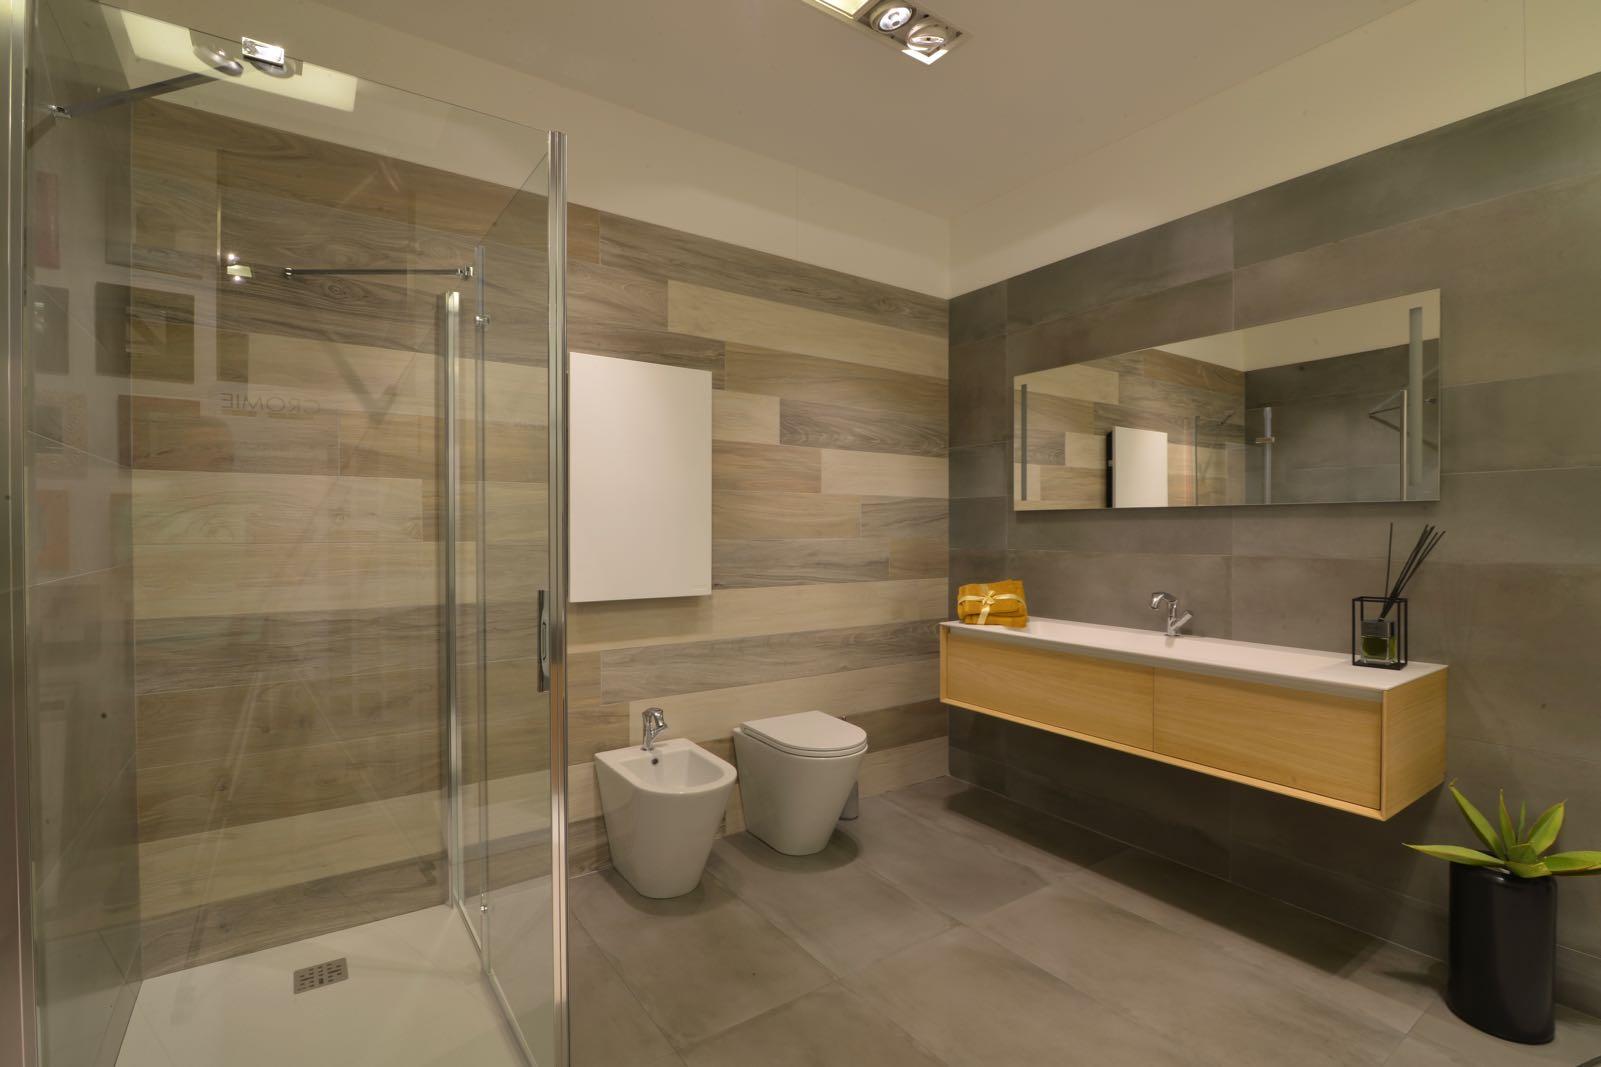 Servizio bagno good arredo bagno moderno with servizio for Vendita arredo bagno